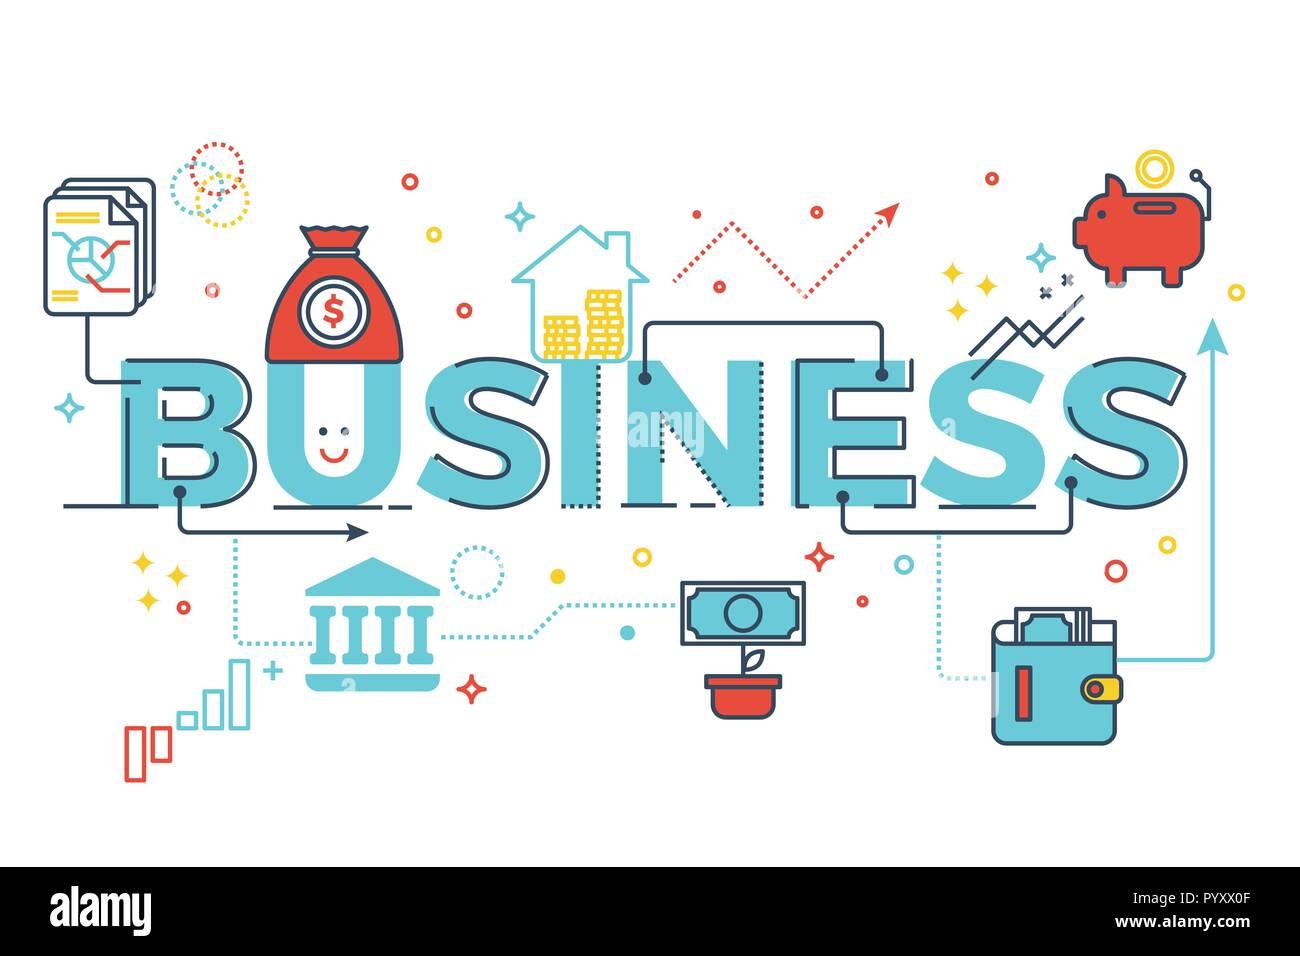 Business Word Schrift Typografie Design Illustration Mit